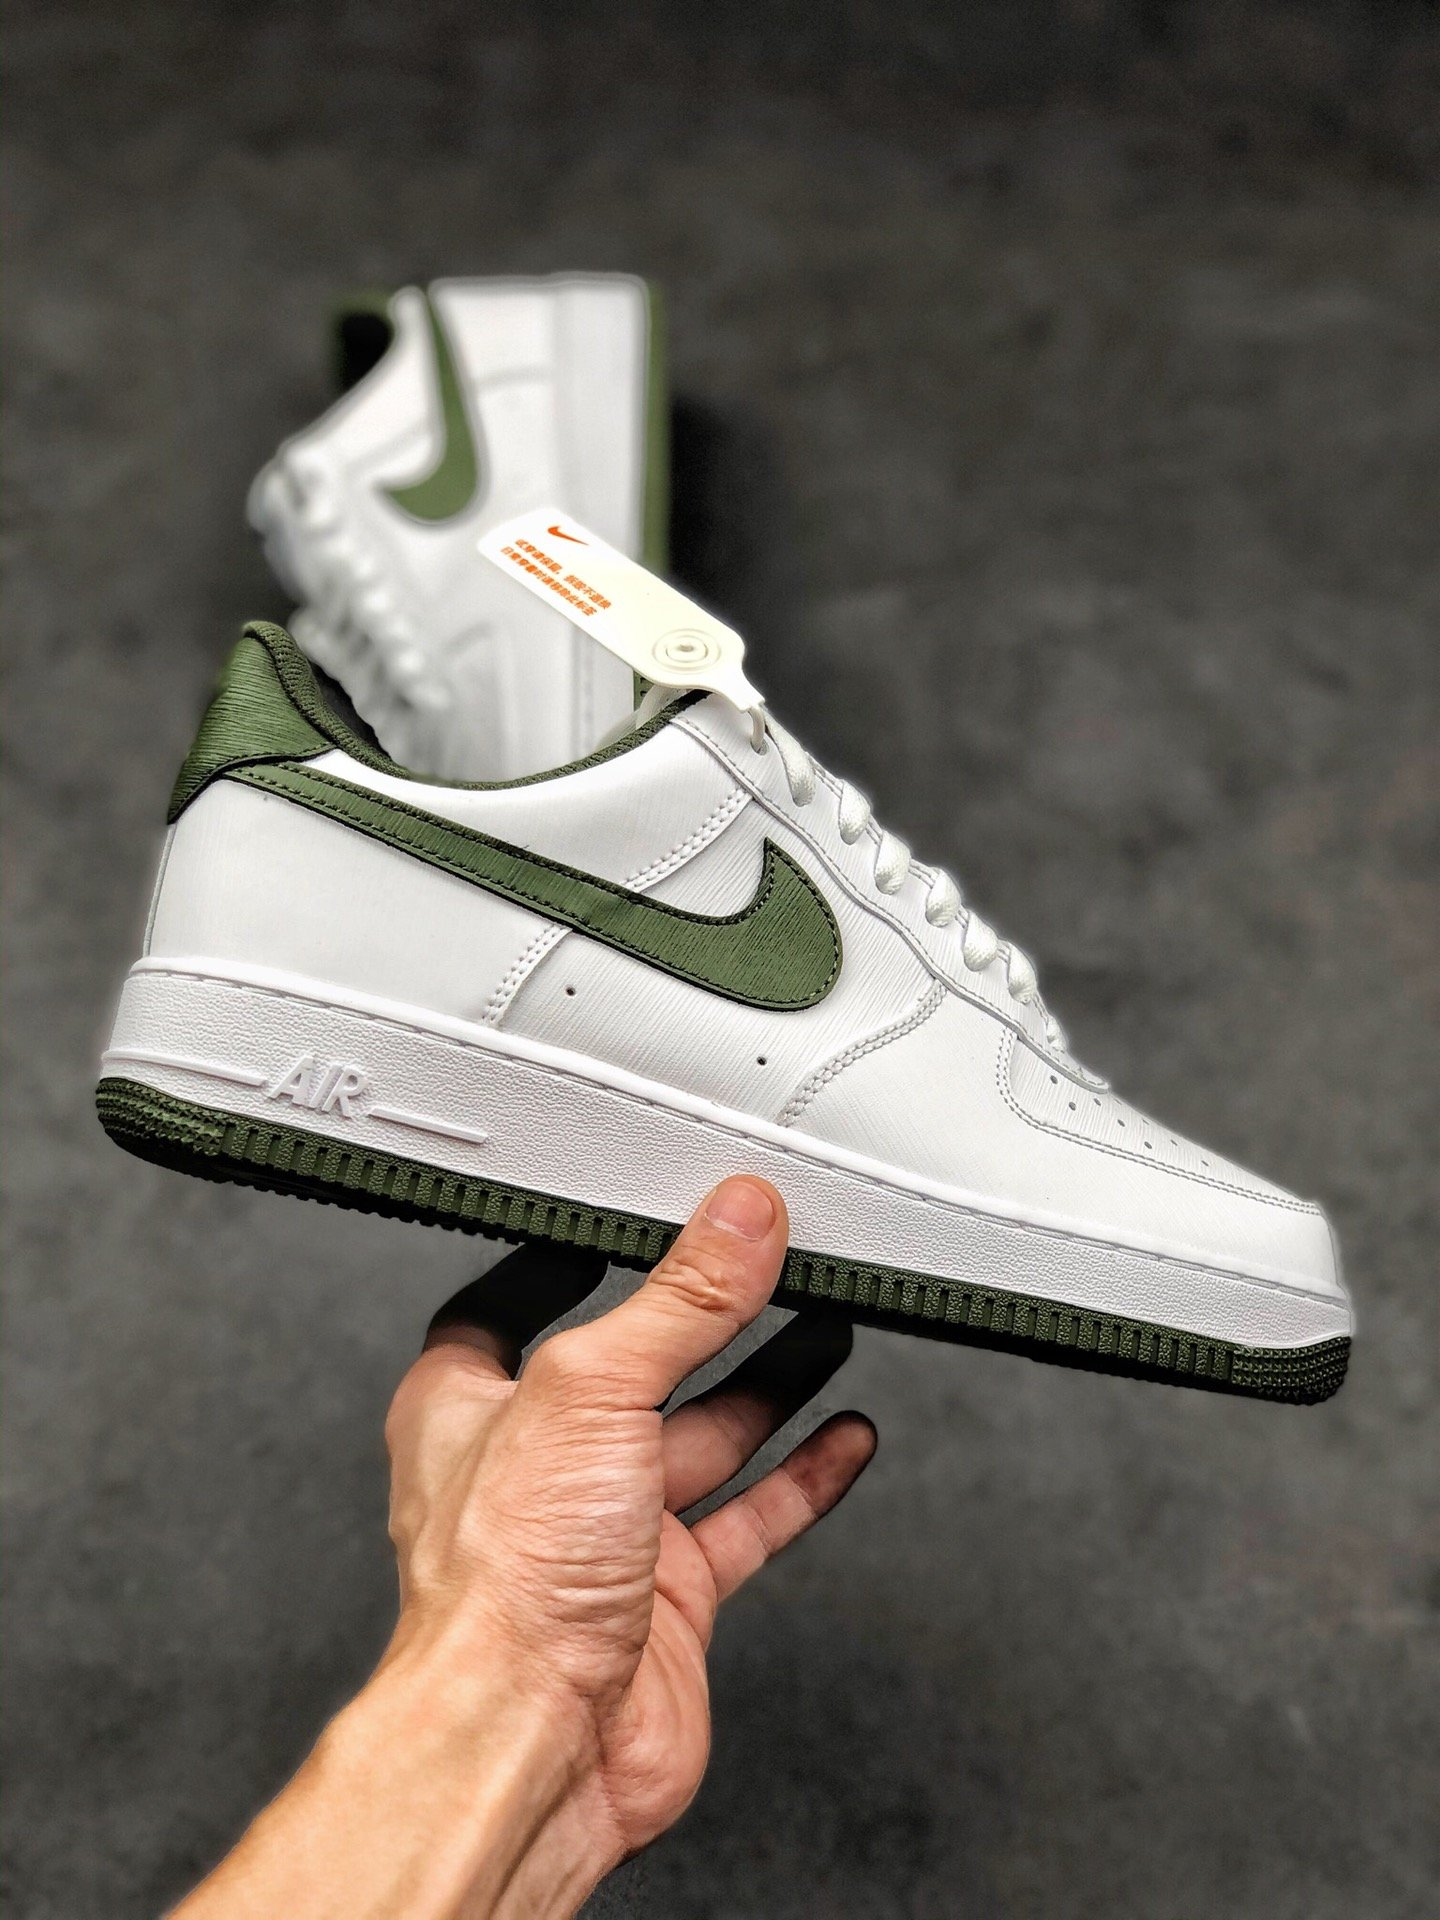 公司级 高仿耐克 Nike Air Force 1 Low 牛油果绿 空军一号低帮百搭休闲运动板鞋